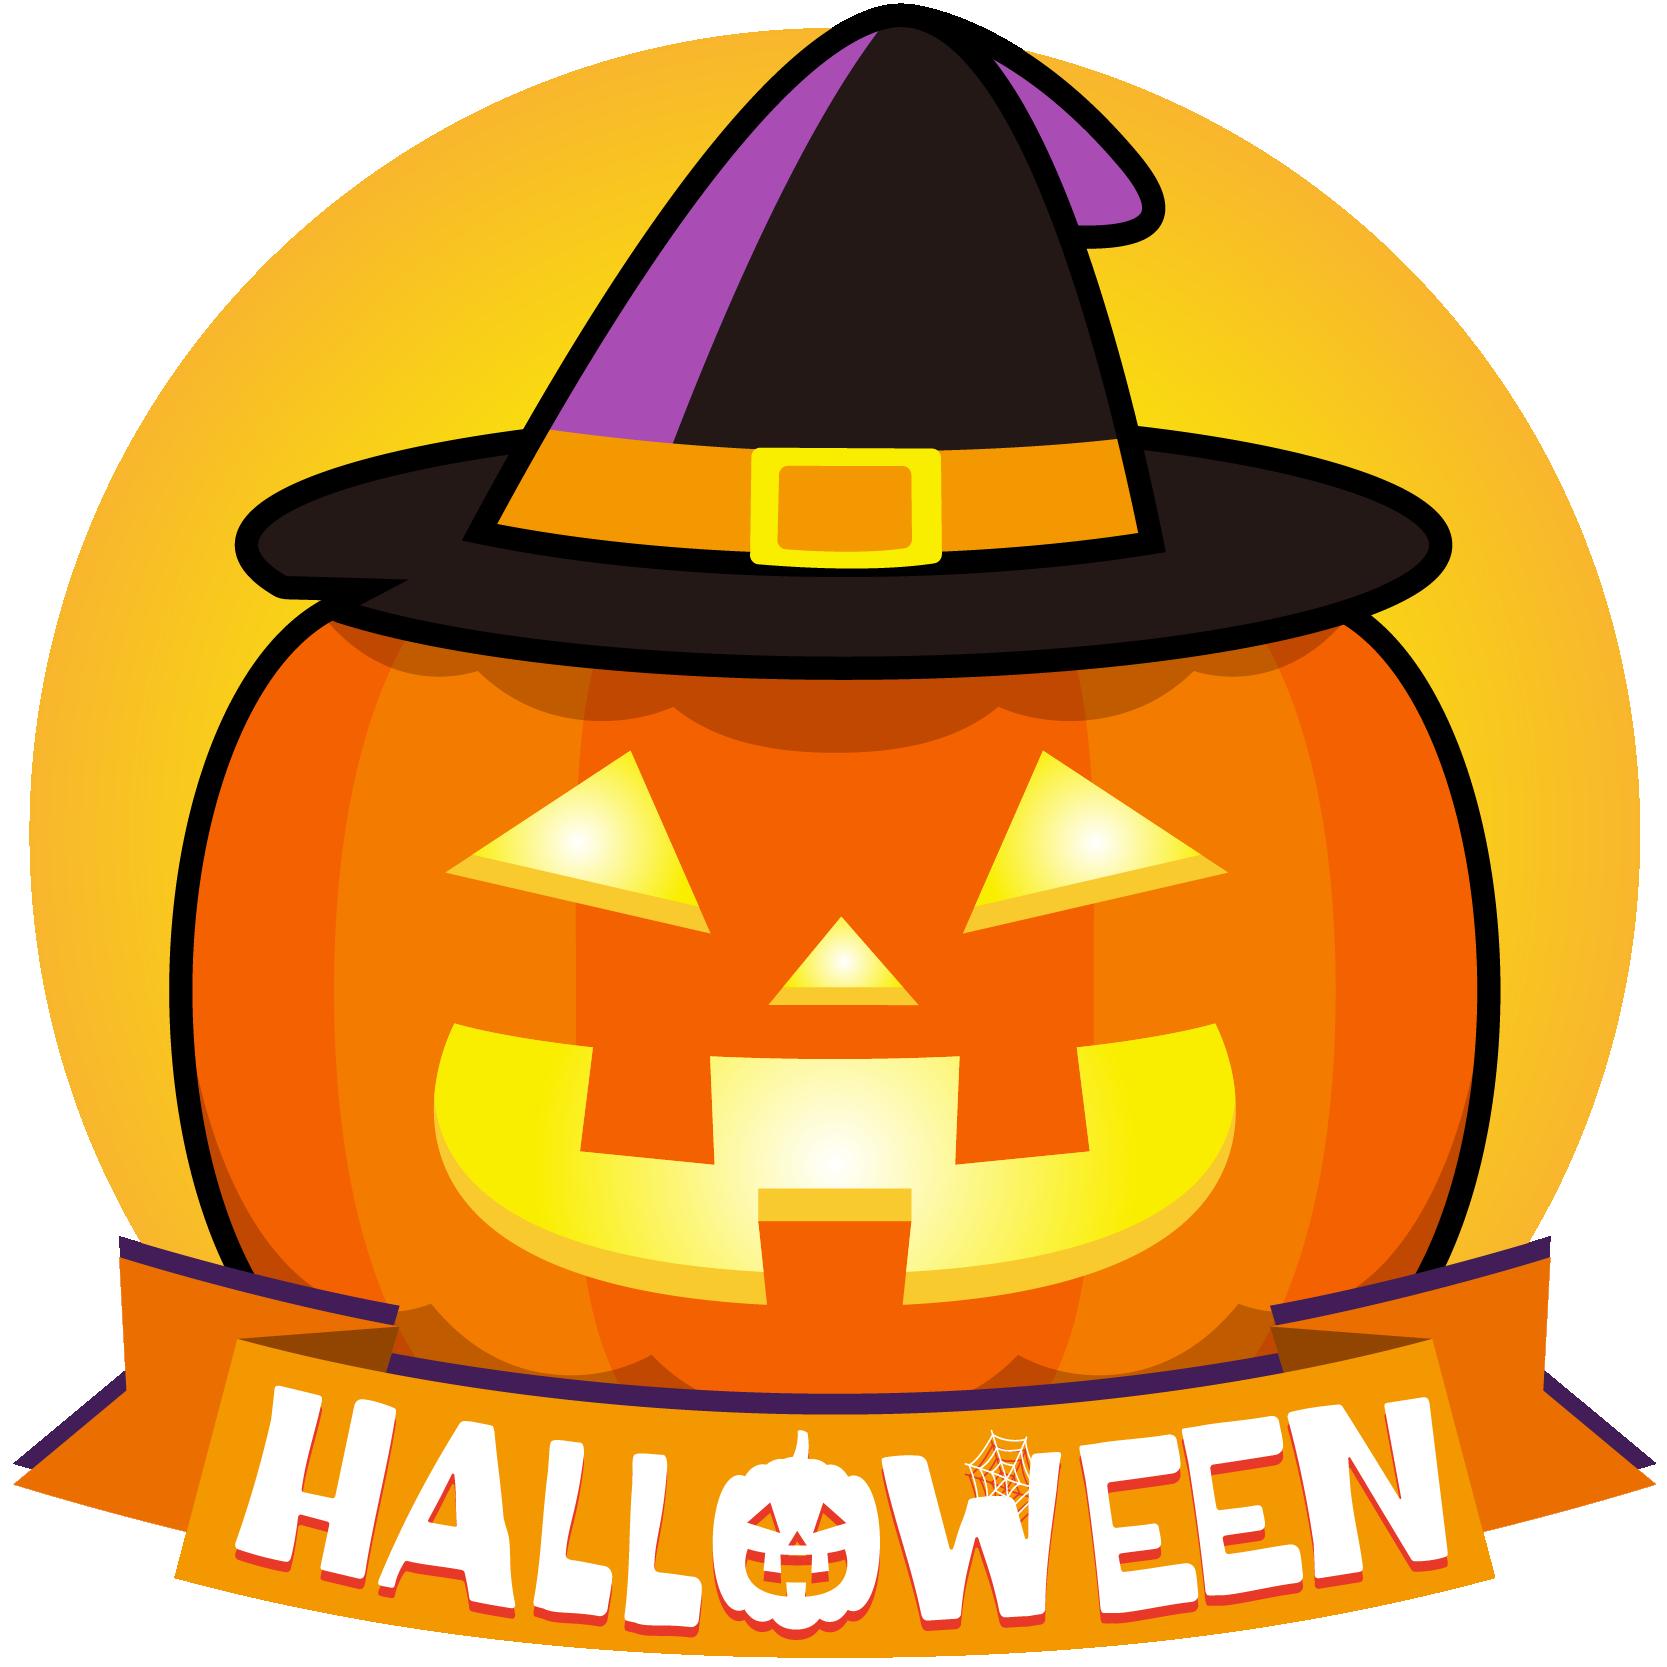 商用フリーイラスト_無料_10月_ハロウィン_かぼちゃ_ジャックオーランタン頭_コスプレ_halloween_オーナメントオレンジ